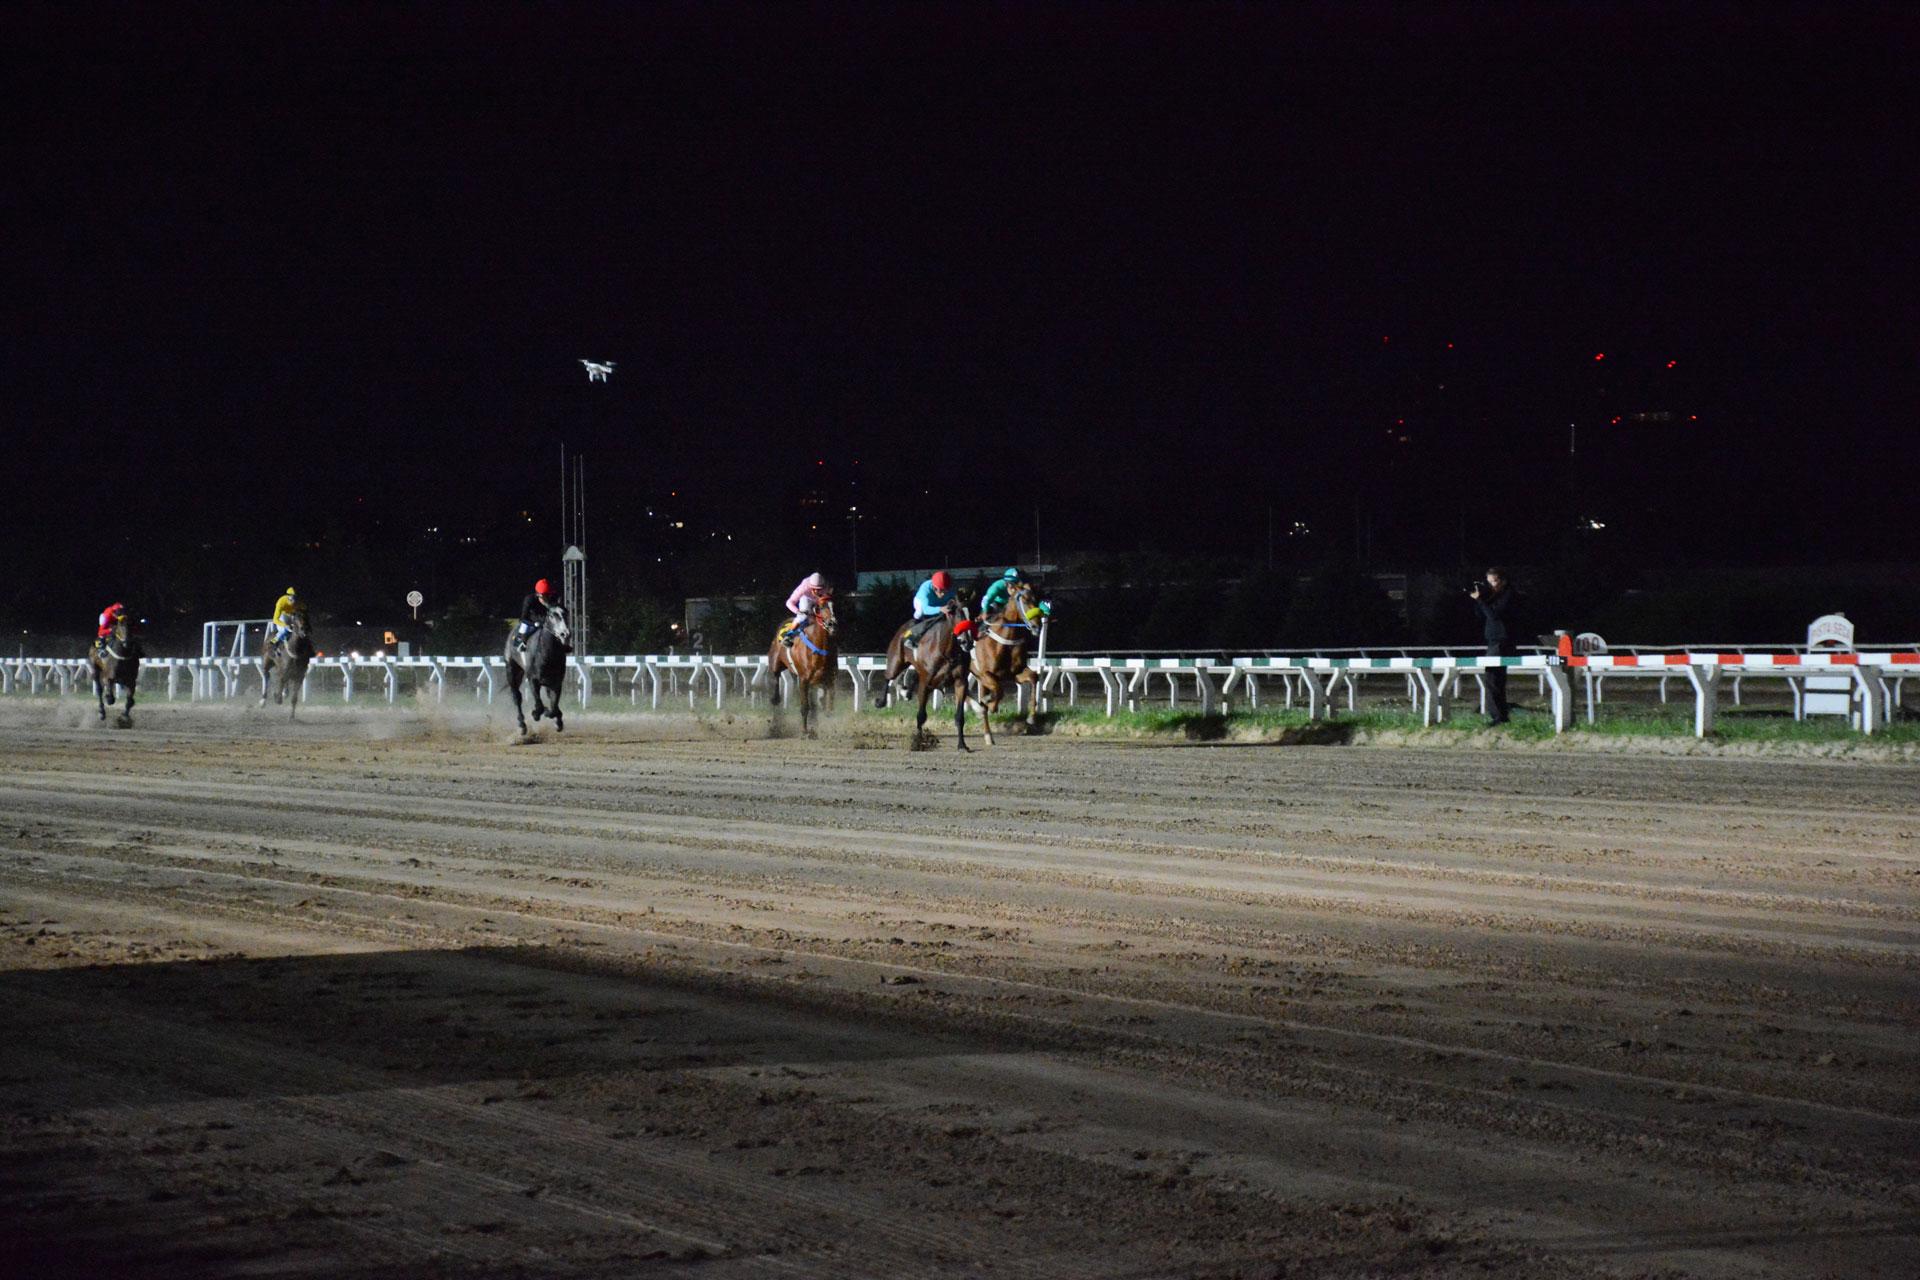 Durante la velada, se corrió la tradicional carrera hípica (1400 mts) en el Hipódromo de Palermo y en la que los invitados pudieron apostar por su caballo favorito. La recaudación obtenida fue a total beneficio de la Fundación Germinare